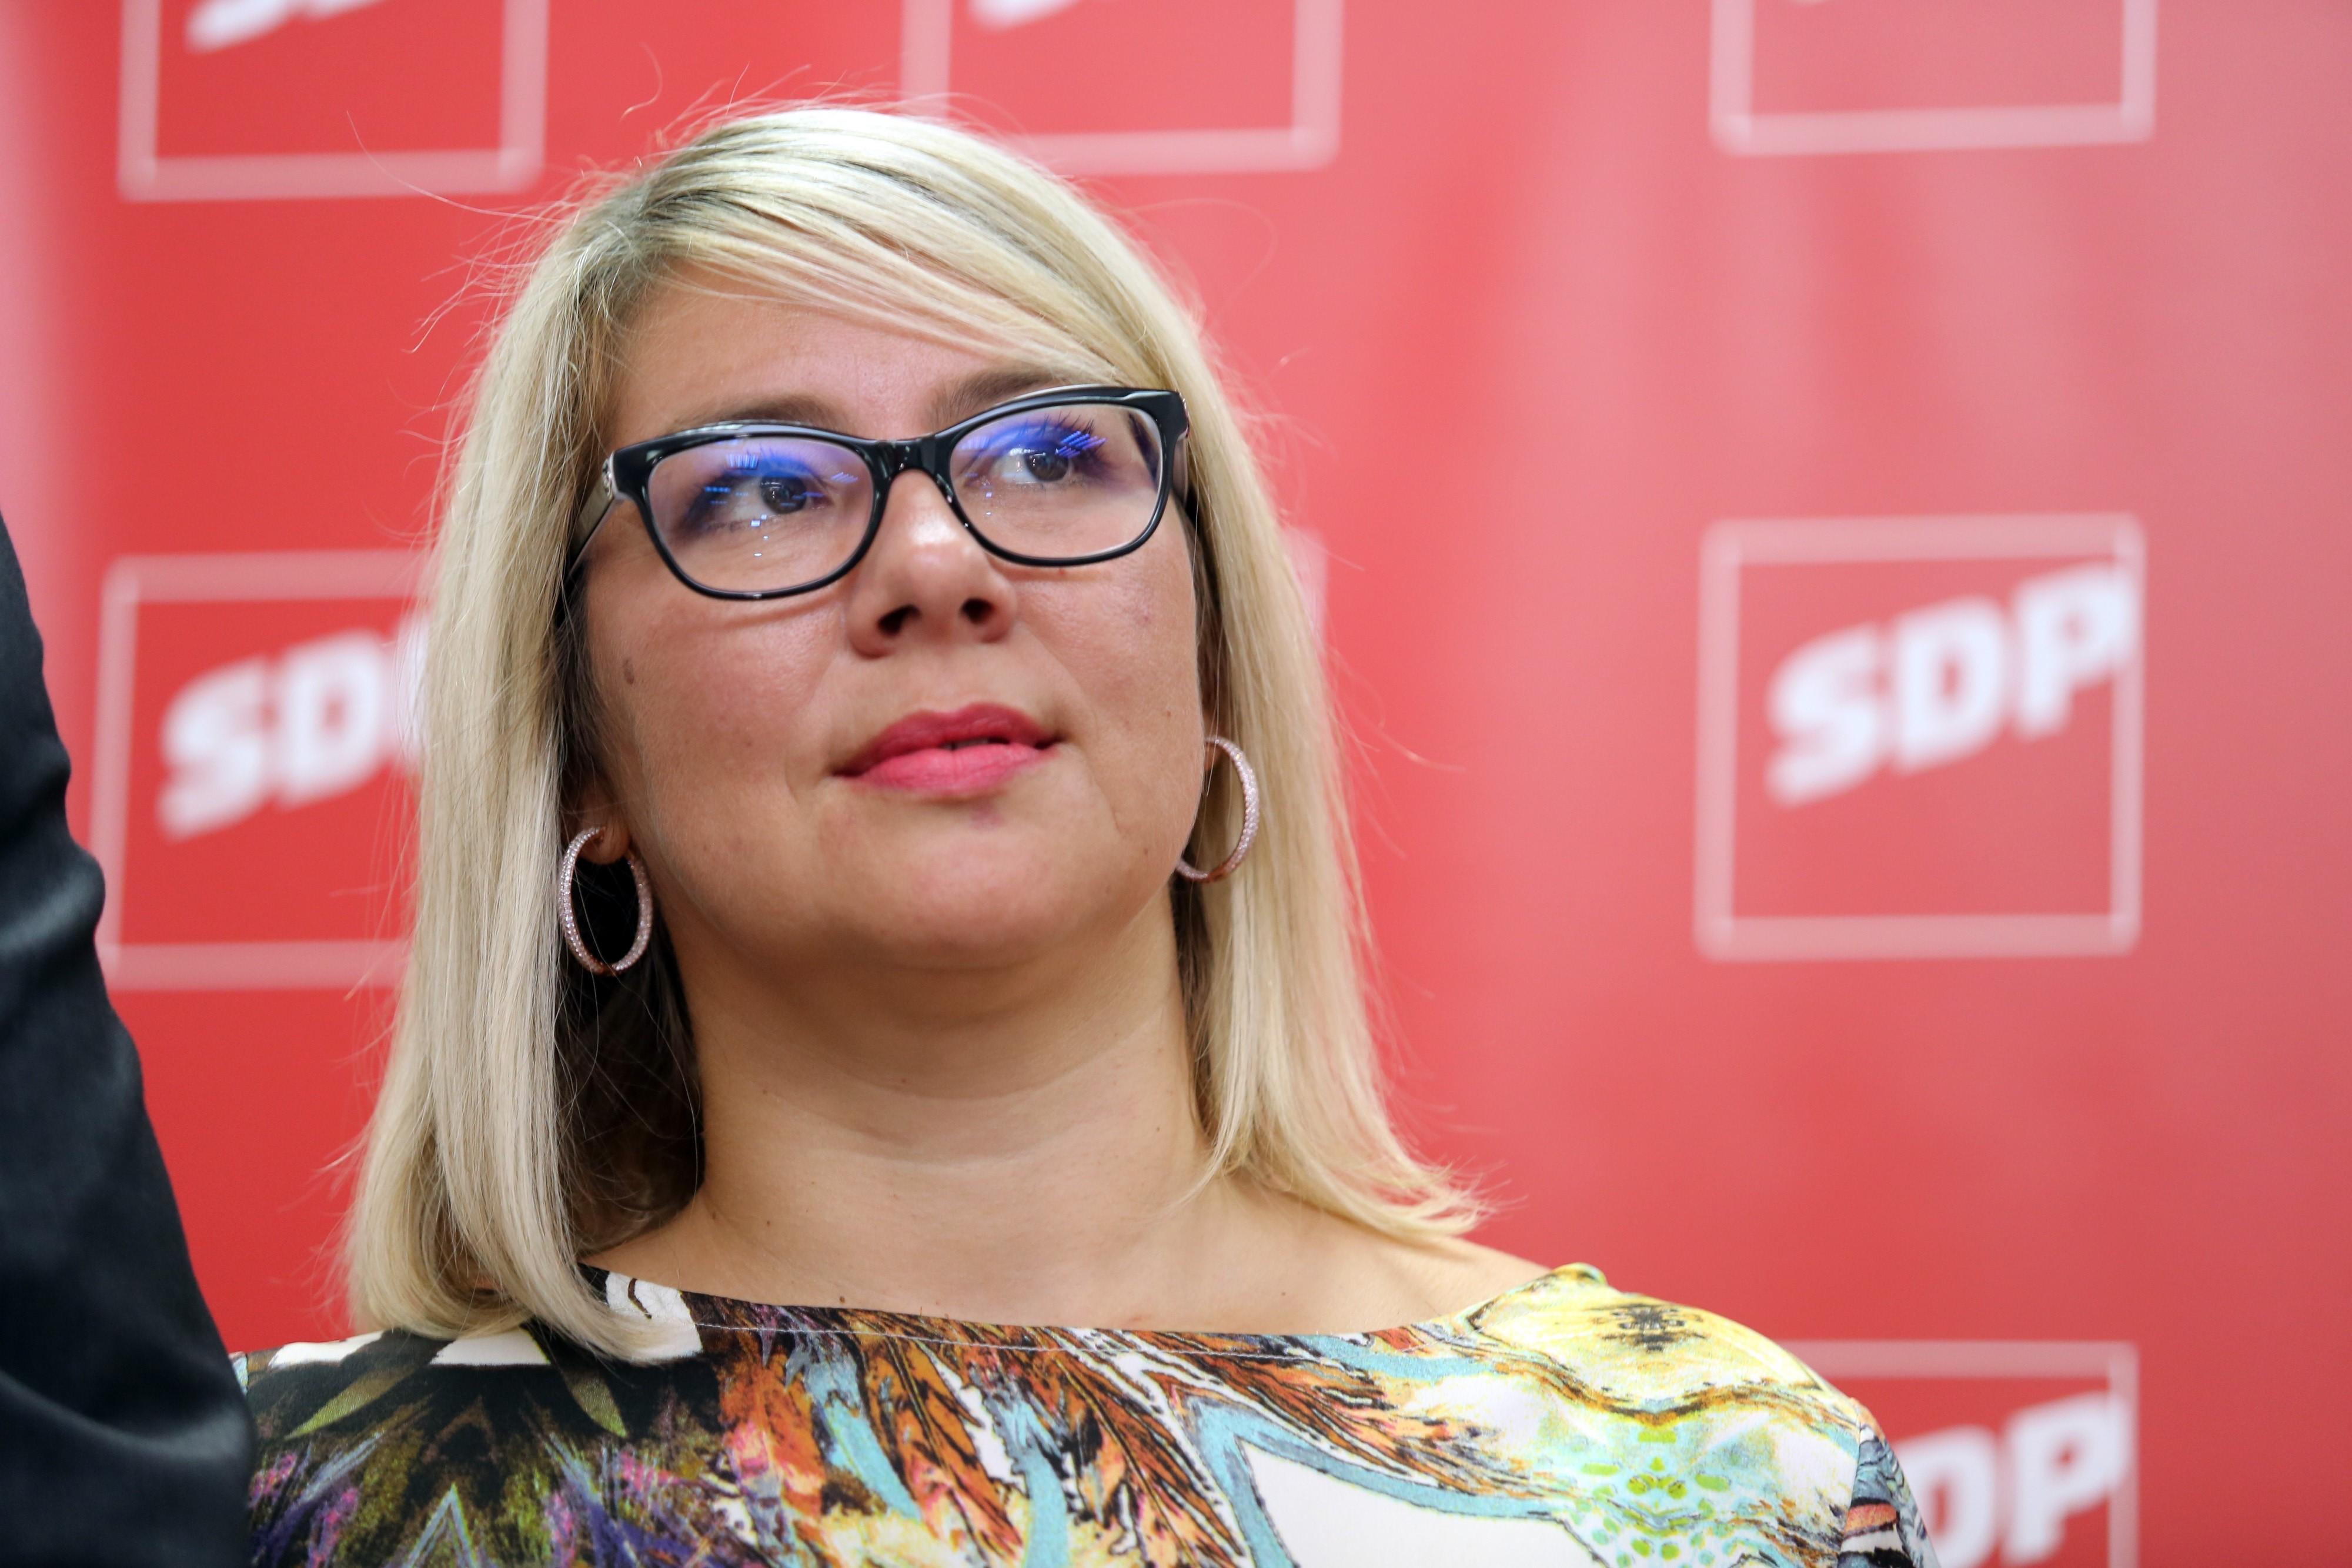 Riječka SDP-ovka Komparić Devčić prešla u Bandićev saborski klub